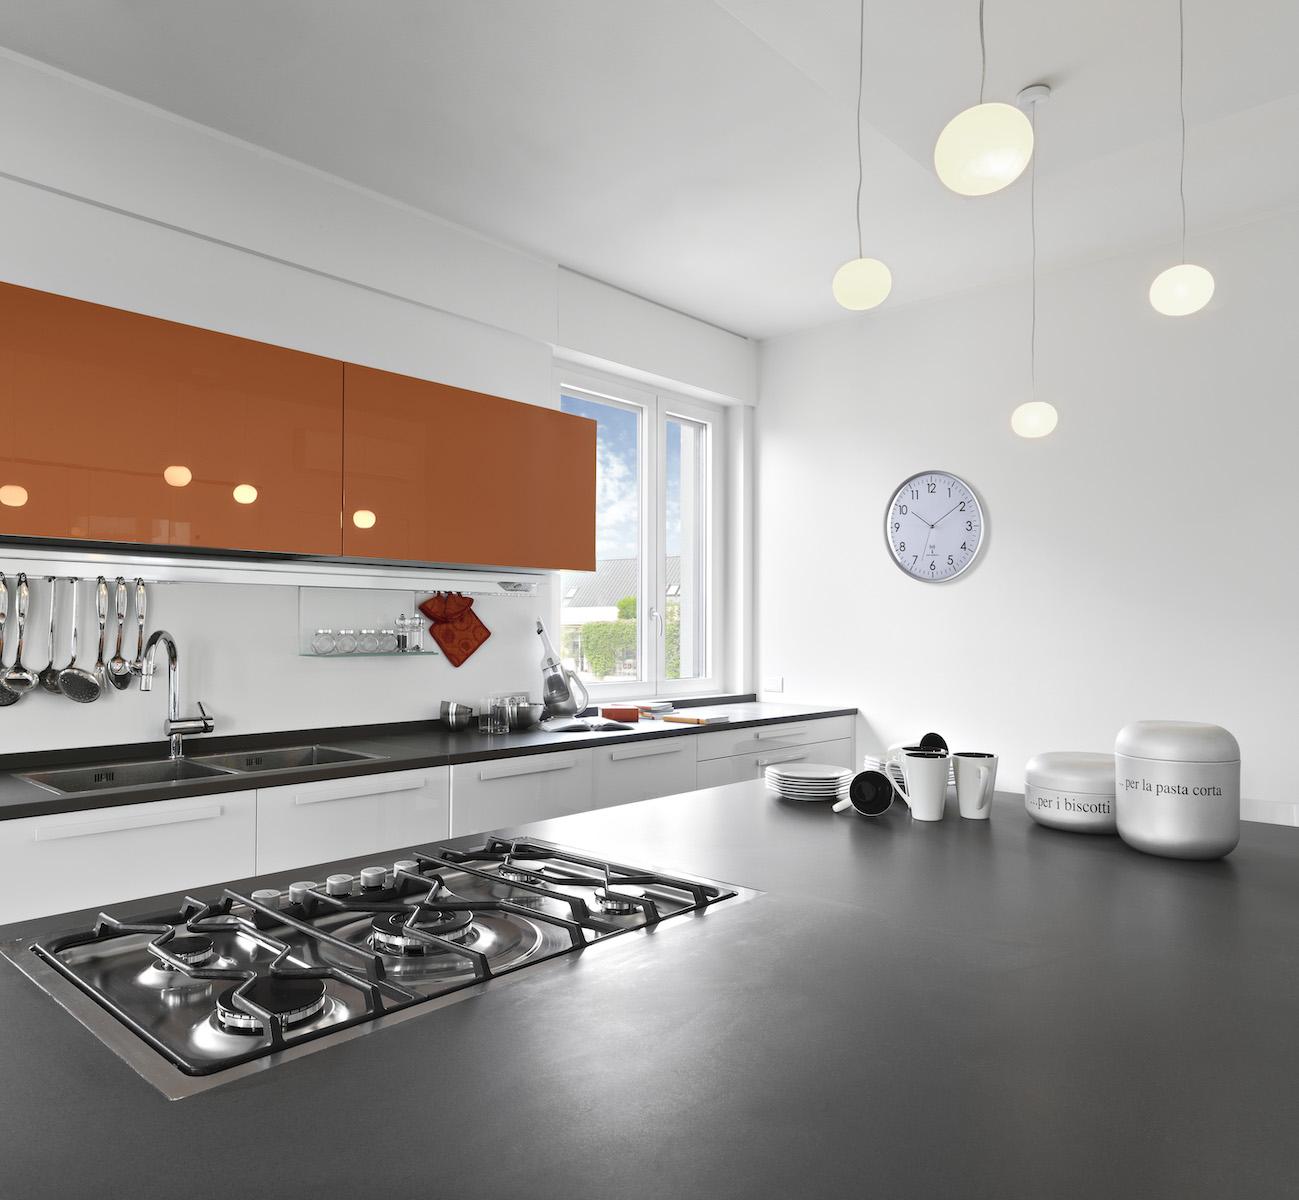 Küchenuhren mit Ziffernblatt.